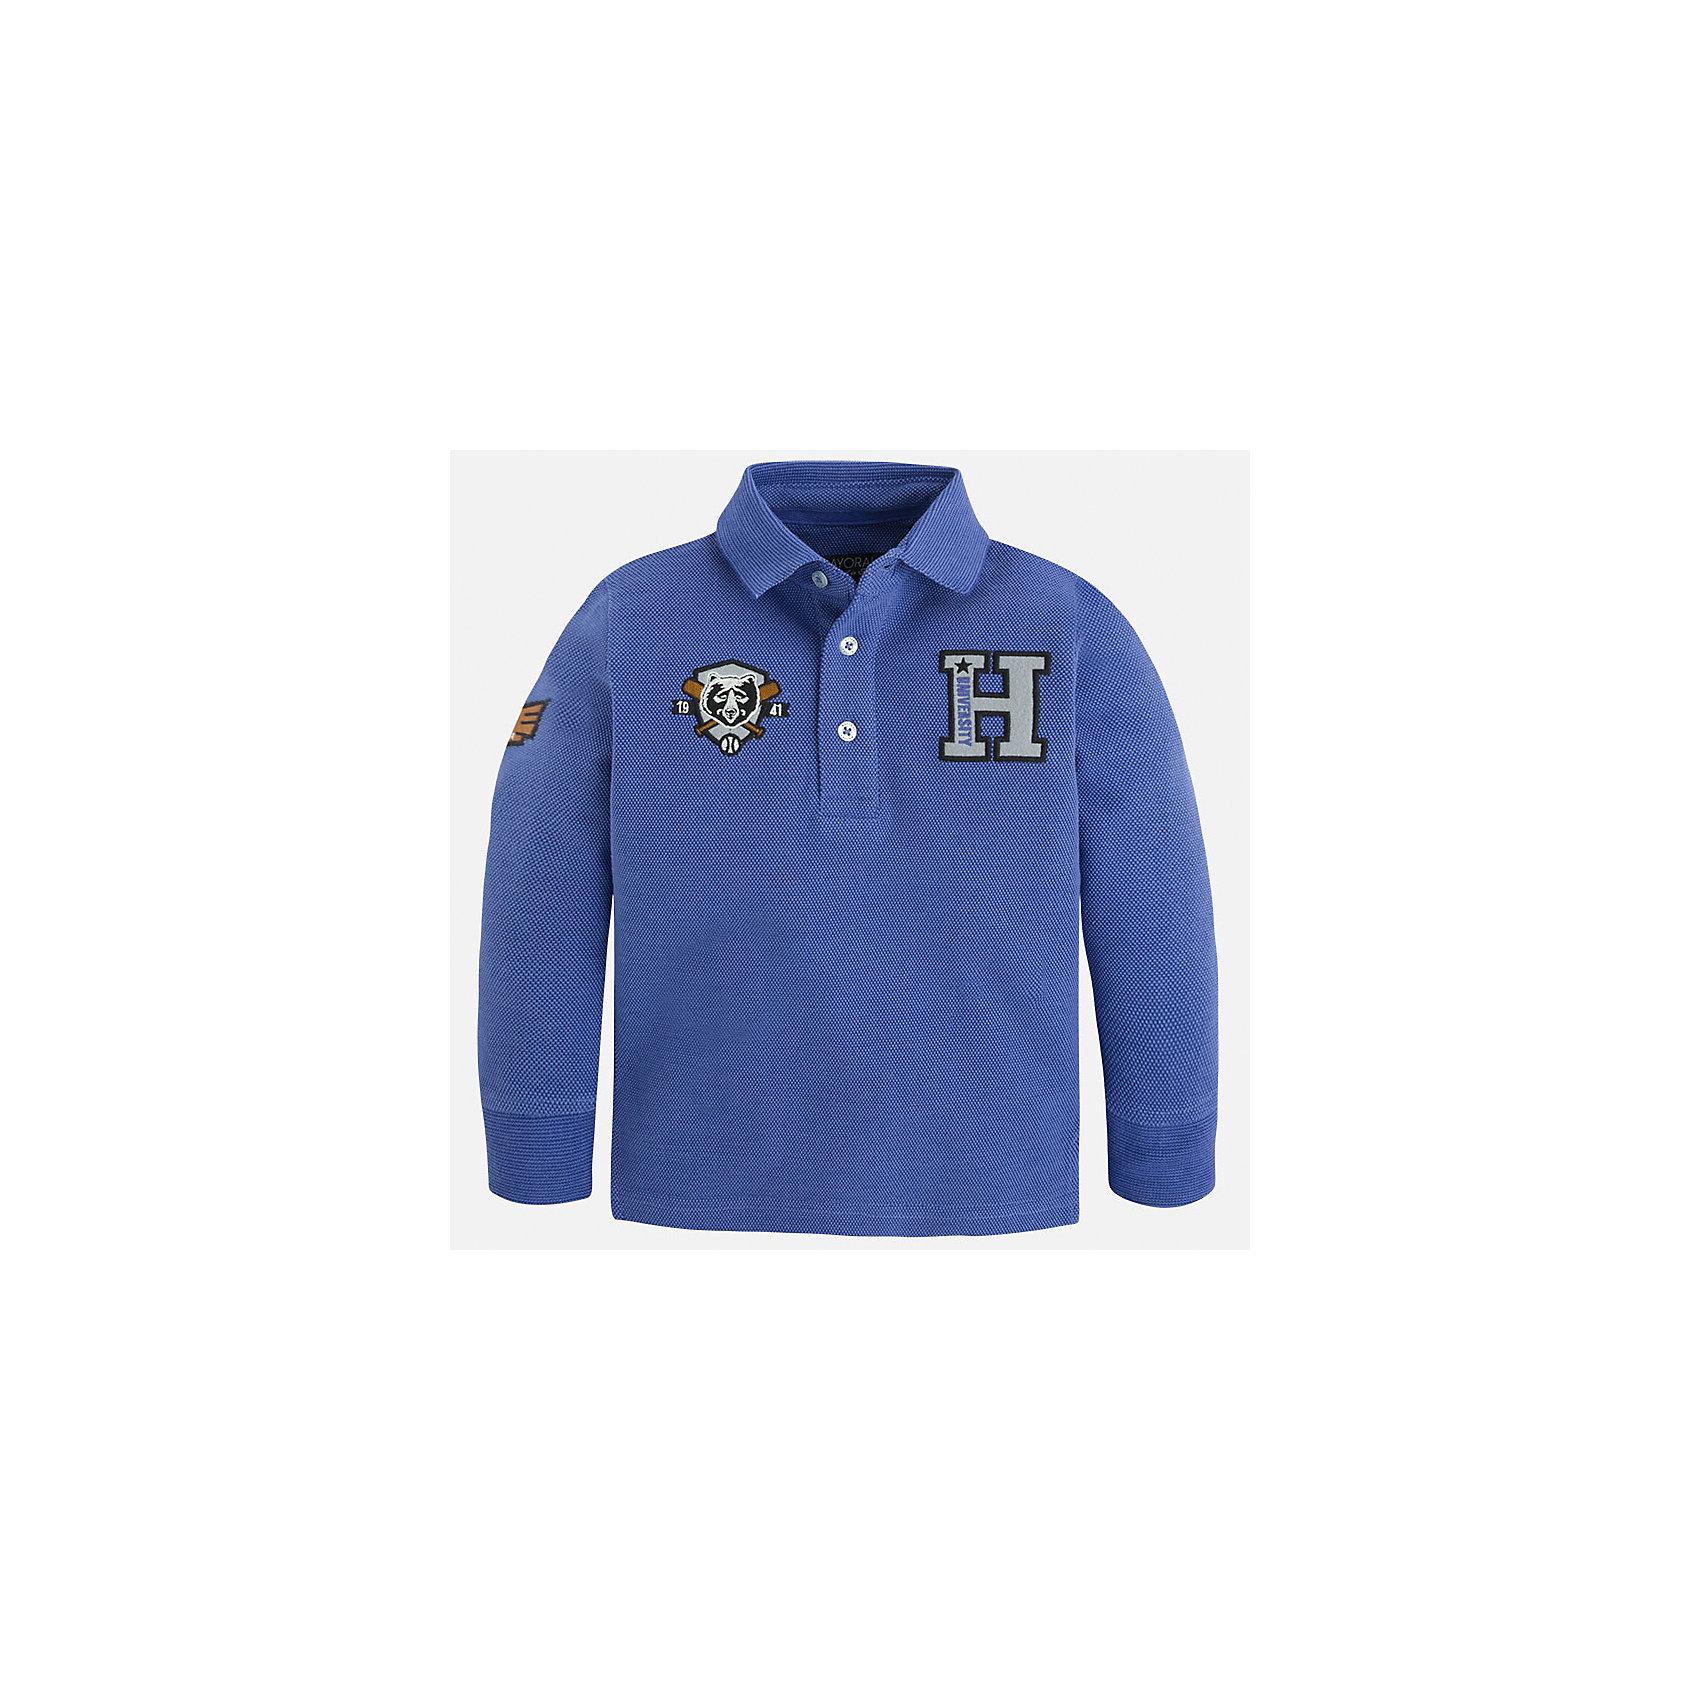 Рубашка-поло для мальчика MayoralРубашка-поло для мальчика Mayoral (Майорал) – это стильная, модная и практичная модель.<br>Стильная рубашка-поло с длинными рукавами от известной испанской марки Mayoral (Майорал) выполненная из натурального хлопка, станет прекрасным дополнением гардероба вашего мальчика. Впереди и на рукаве рубашка декорирована ярким принтом. У рубашки отложной воротник, манжеты. Ворот застегивается на три пуговицы. Комфортный прямой крой гарантирует свободу движений.<br><br>Дополнительная информация:<br><br>- Цвет: голубой<br>- Состав: 100% хлопок<br>- Уход: бережная стирка при 30 градусах<br><br>Рубашку-поло для мальчика Mayoral (Майорал) можно купить в нашем интернет-магазине.<br><br>Ширина мм: 174<br>Глубина мм: 10<br>Высота мм: 169<br>Вес г: 157<br>Цвет: синий<br>Возраст от месяцев: 96<br>Возраст до месяцев: 108<br>Пол: Мужской<br>Возраст: Детский<br>Размер: 128,110,104,116,122,134,98<br>SKU: 4821033